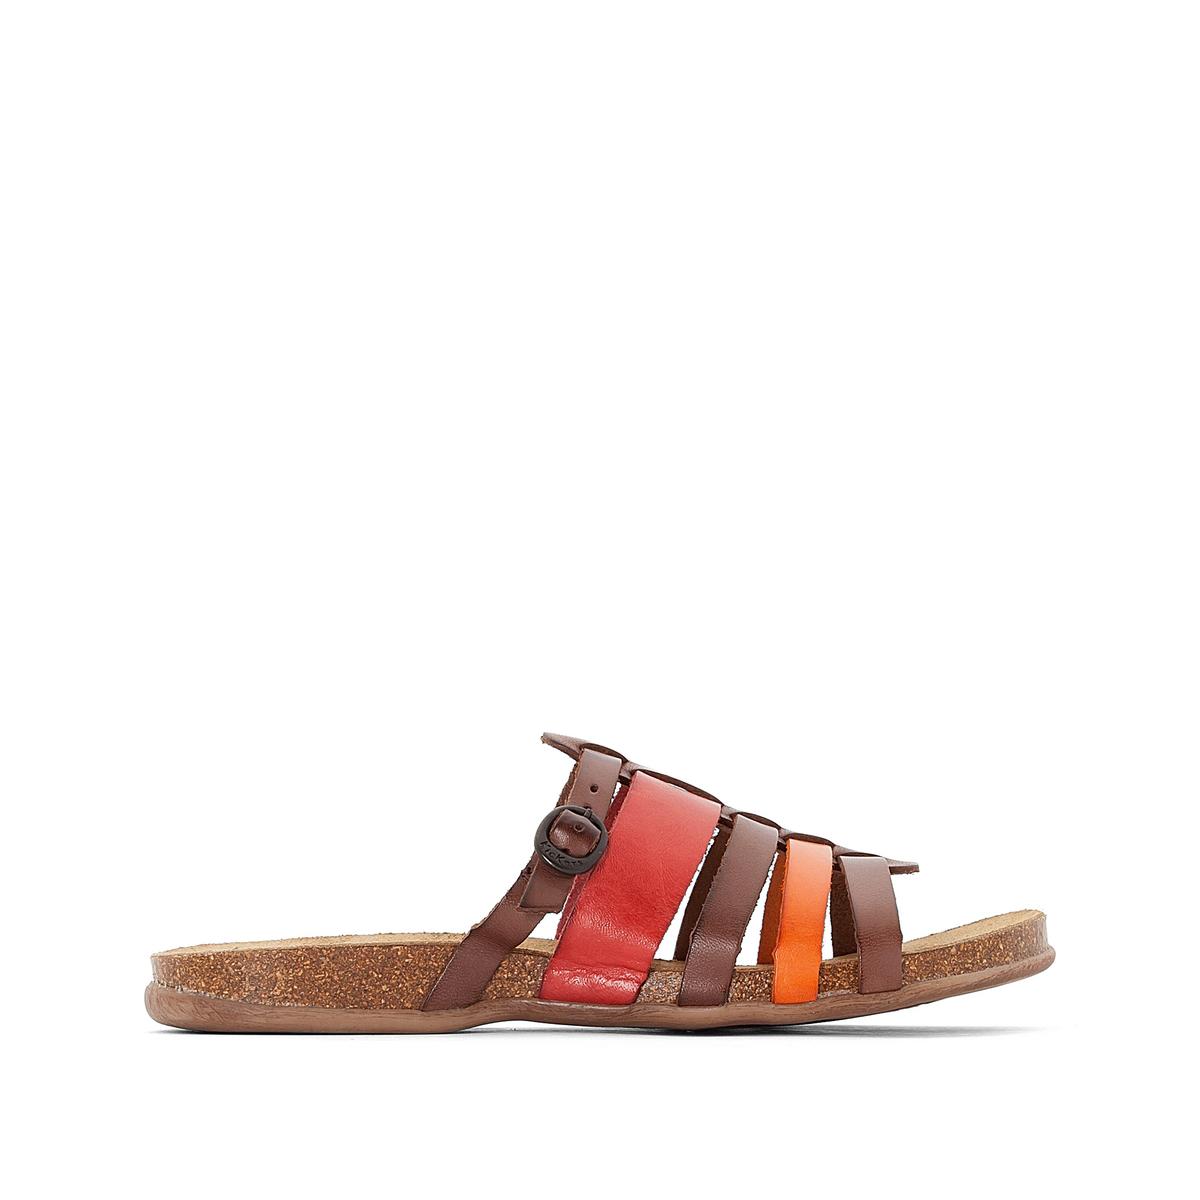 Босоножки кожаные AnaelleВерх: кожа.     Подкладка: без подкладки.Стелька: невыделанная кожа.Подошва: каучук.    Высота каблука: 2 см.    Форма каблука: плоский каблук.Мысок: открытый.Застежка: ремешок с пряжкой.<br><br>Цвет: разноцветный<br>Размер: 39